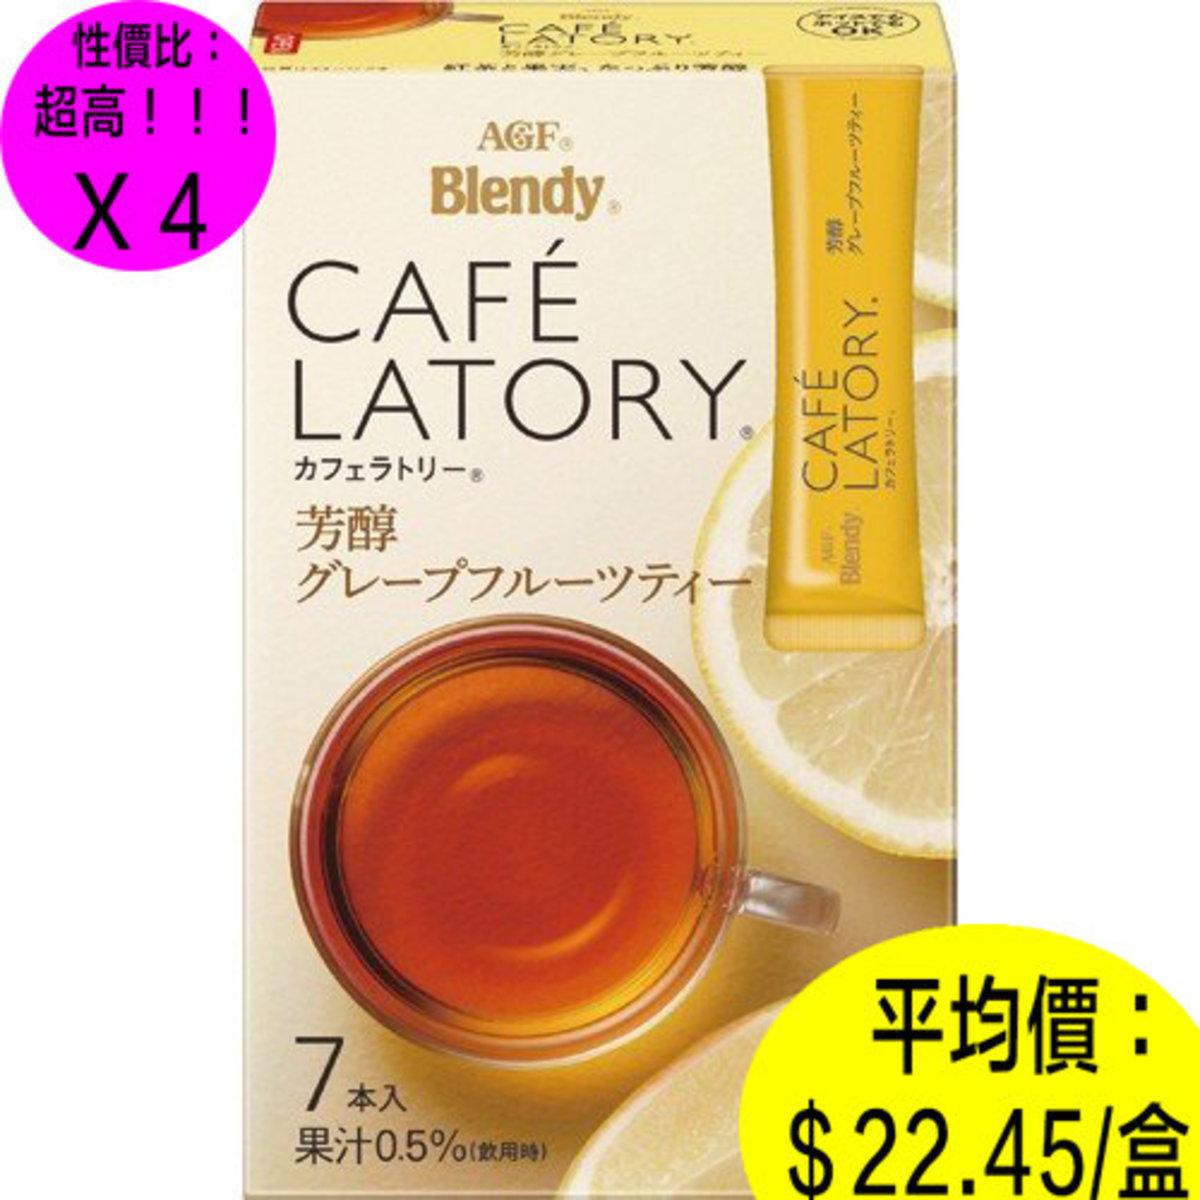 芳香西柚茶味 7包 X 4盒